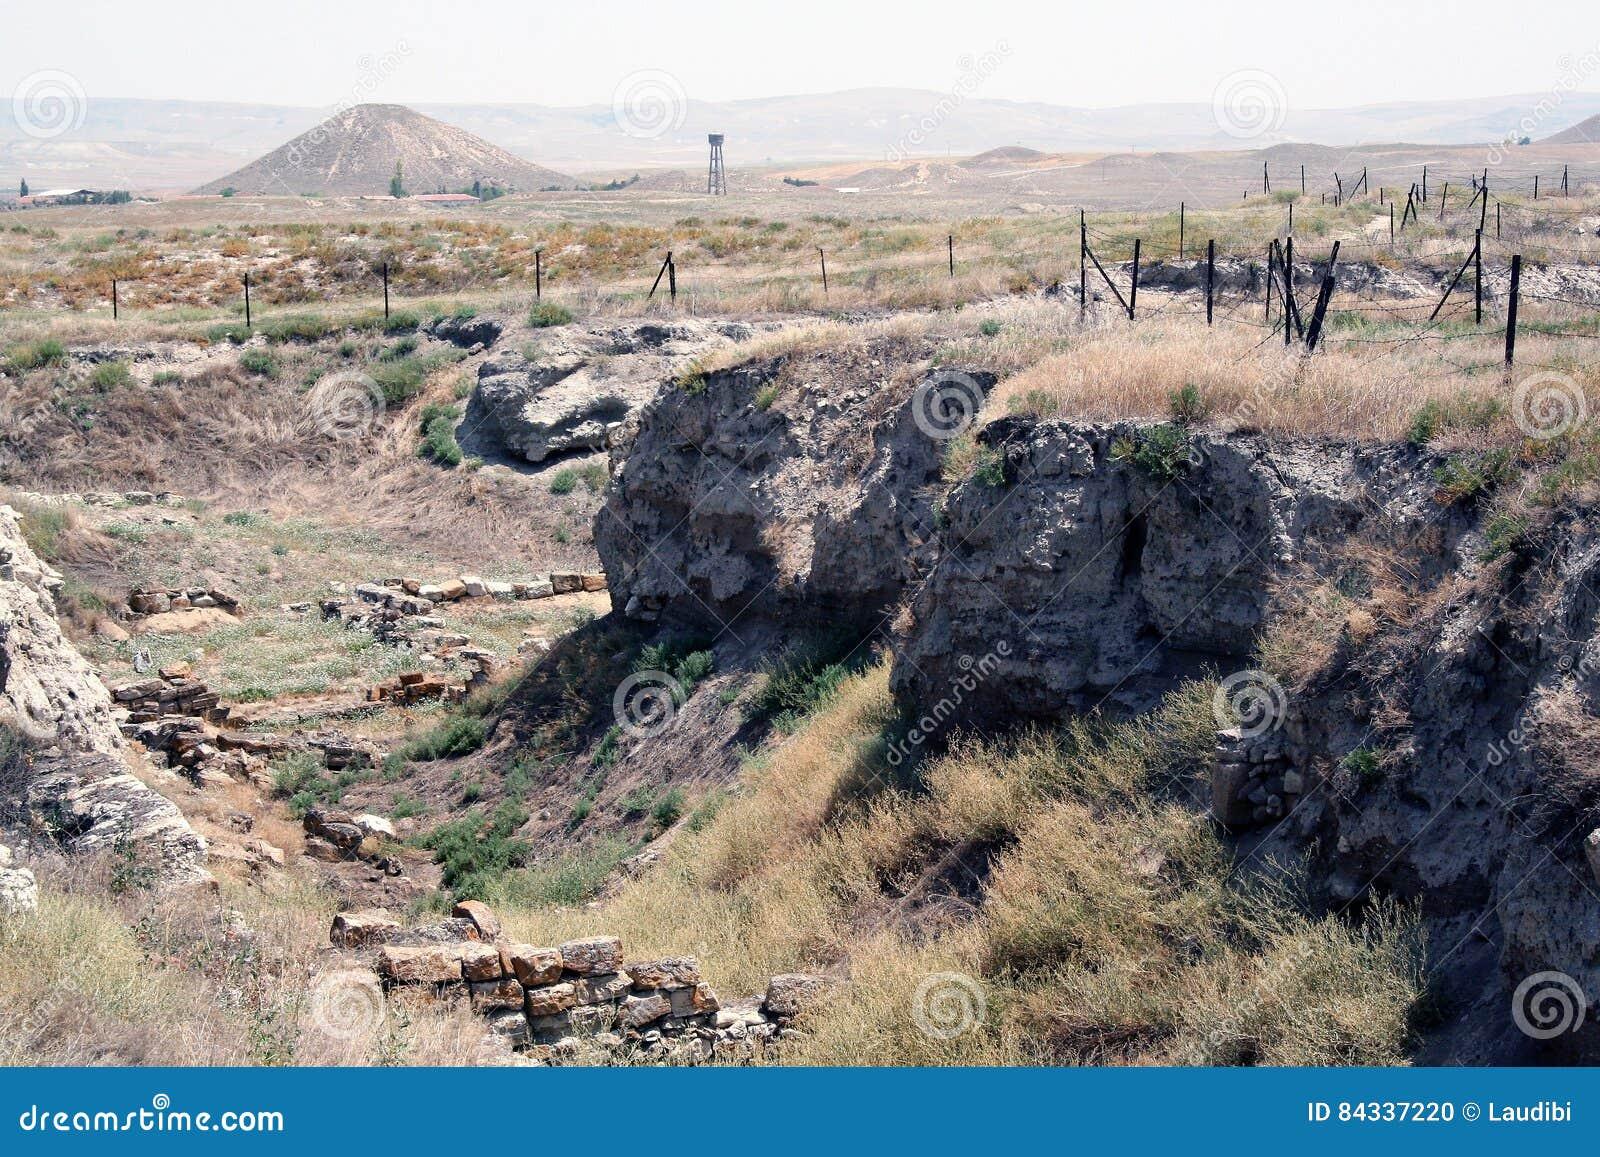 The ancient Gordium in Turkey